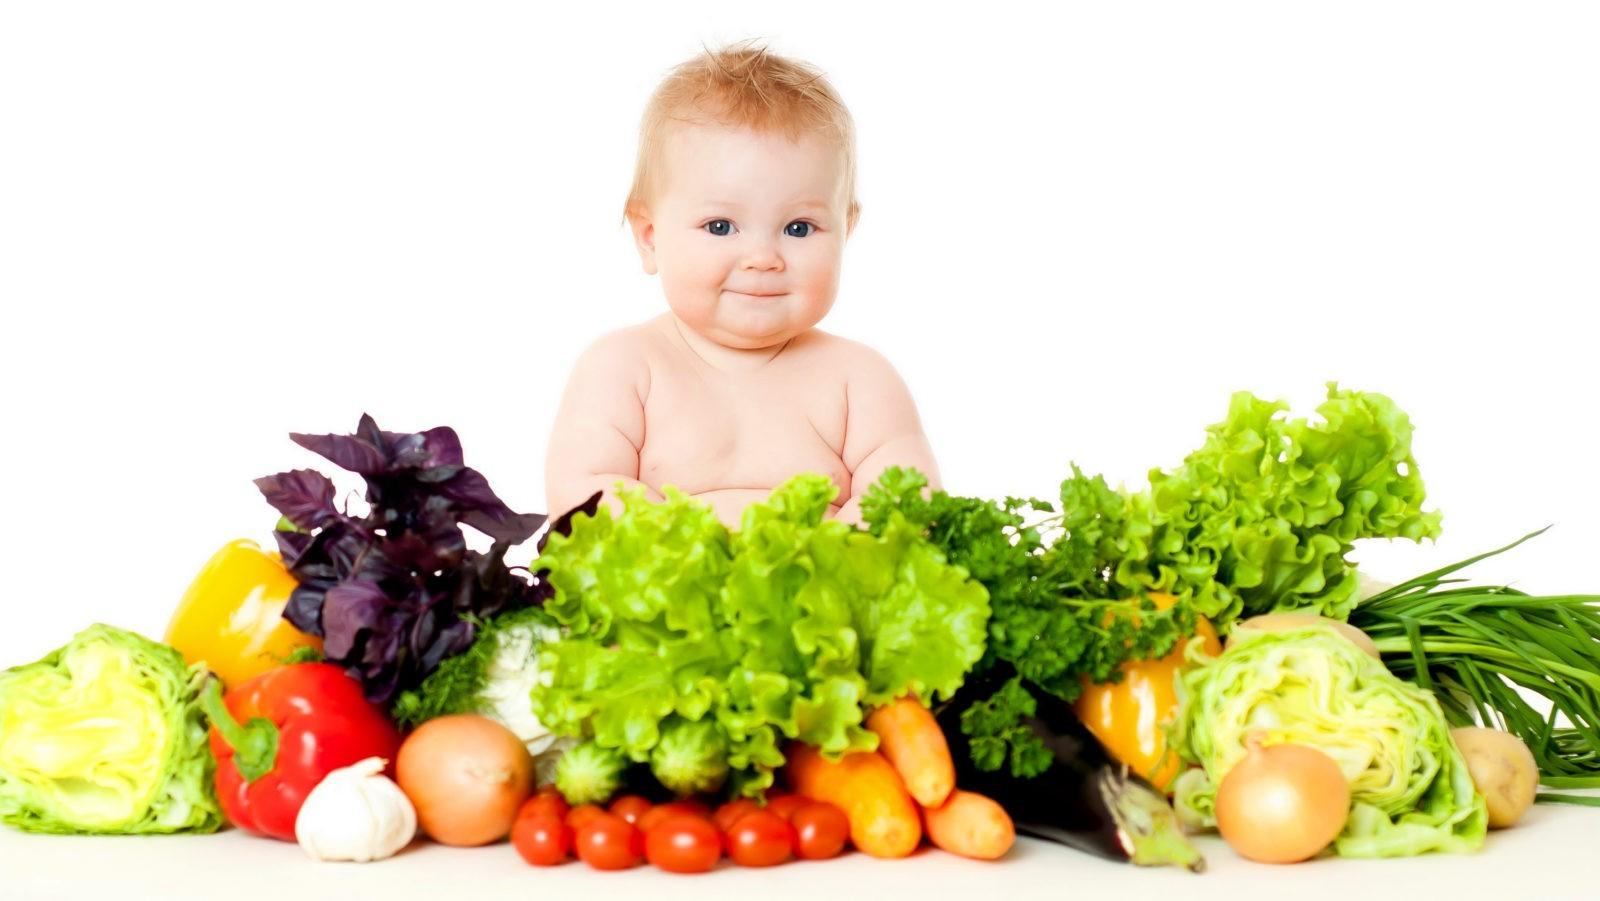 Какие продукты должна употреблять мама на грудном вскармливании для обеспечения реюенка витаминами